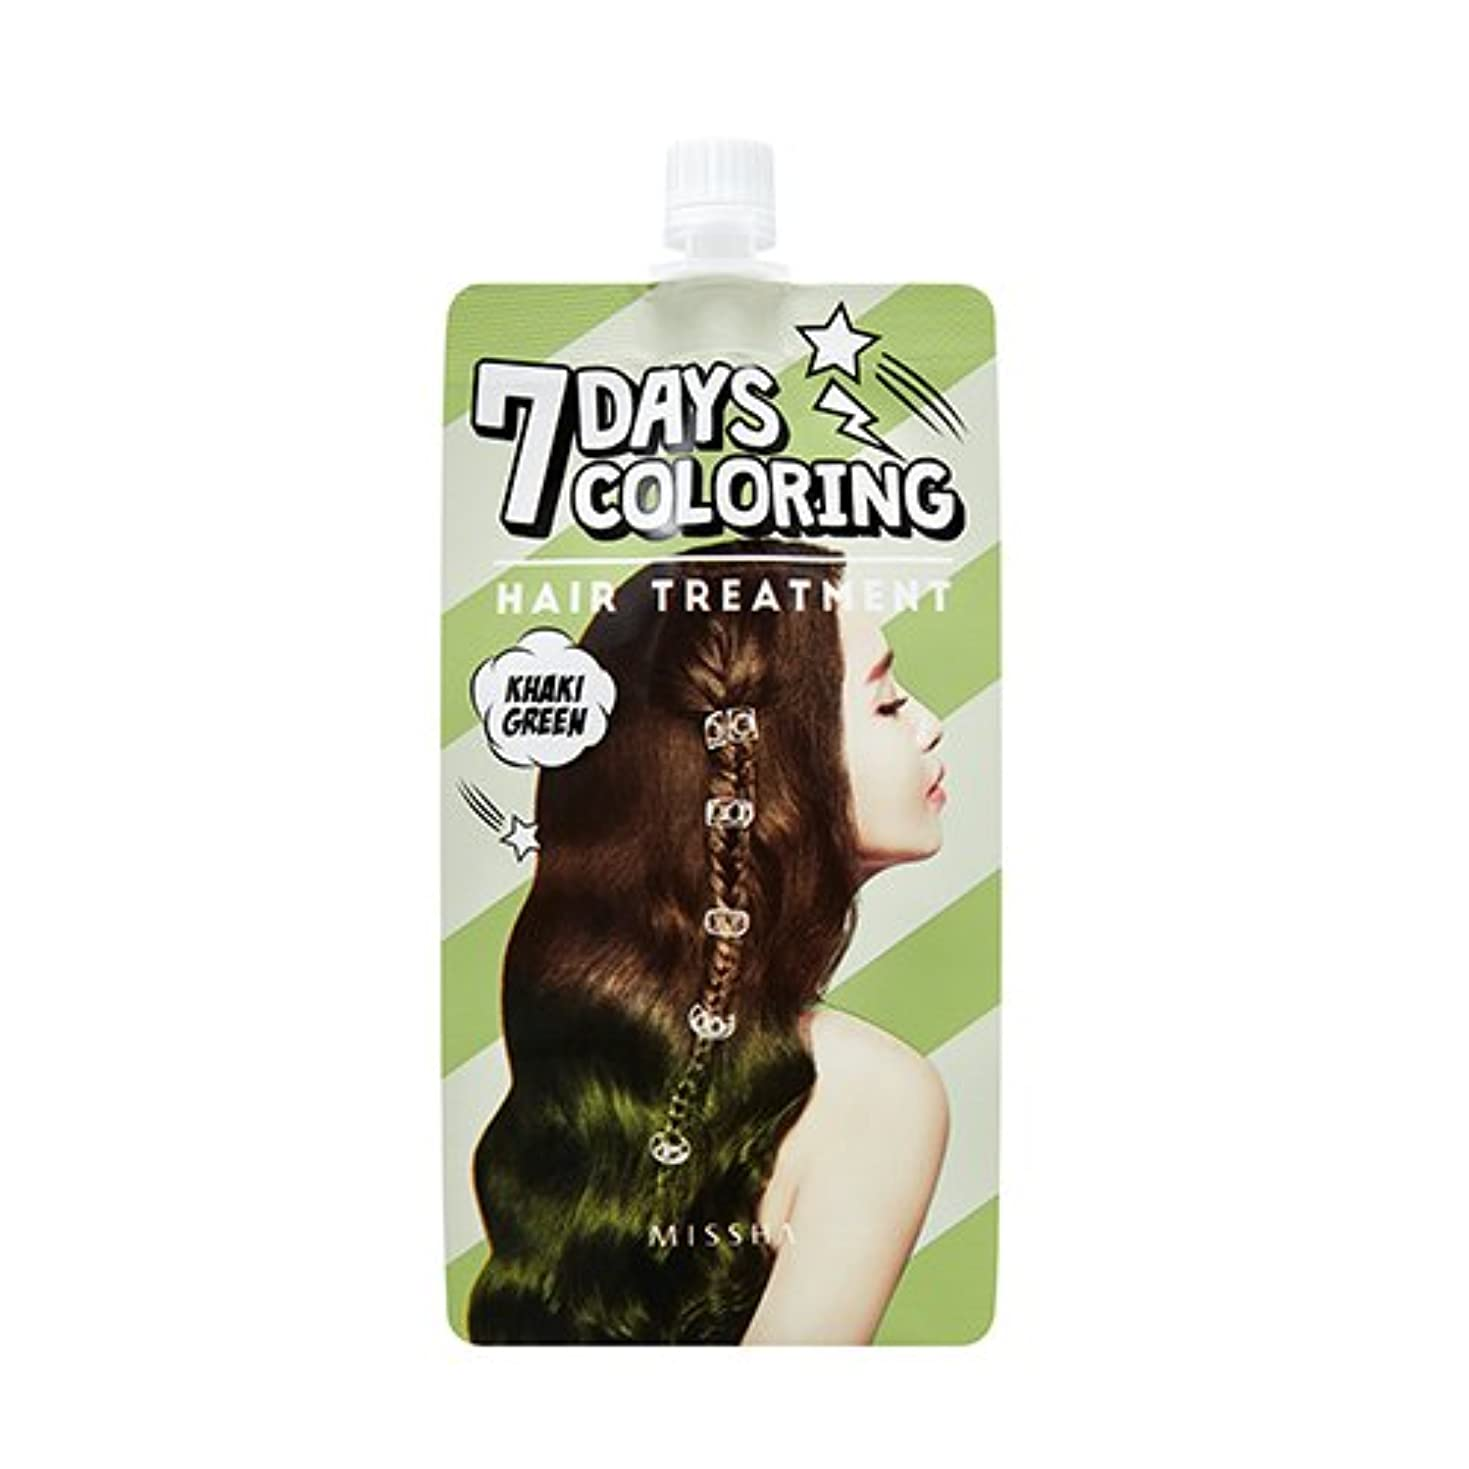 素子アトラスほとんどの場合MISSHA 7 Days Coloring Hair Treatment 25ml/ミシャ 7デイズ カラーリング ヘア トリートメント 25ml (#Khaki Green) [並行輸入品]